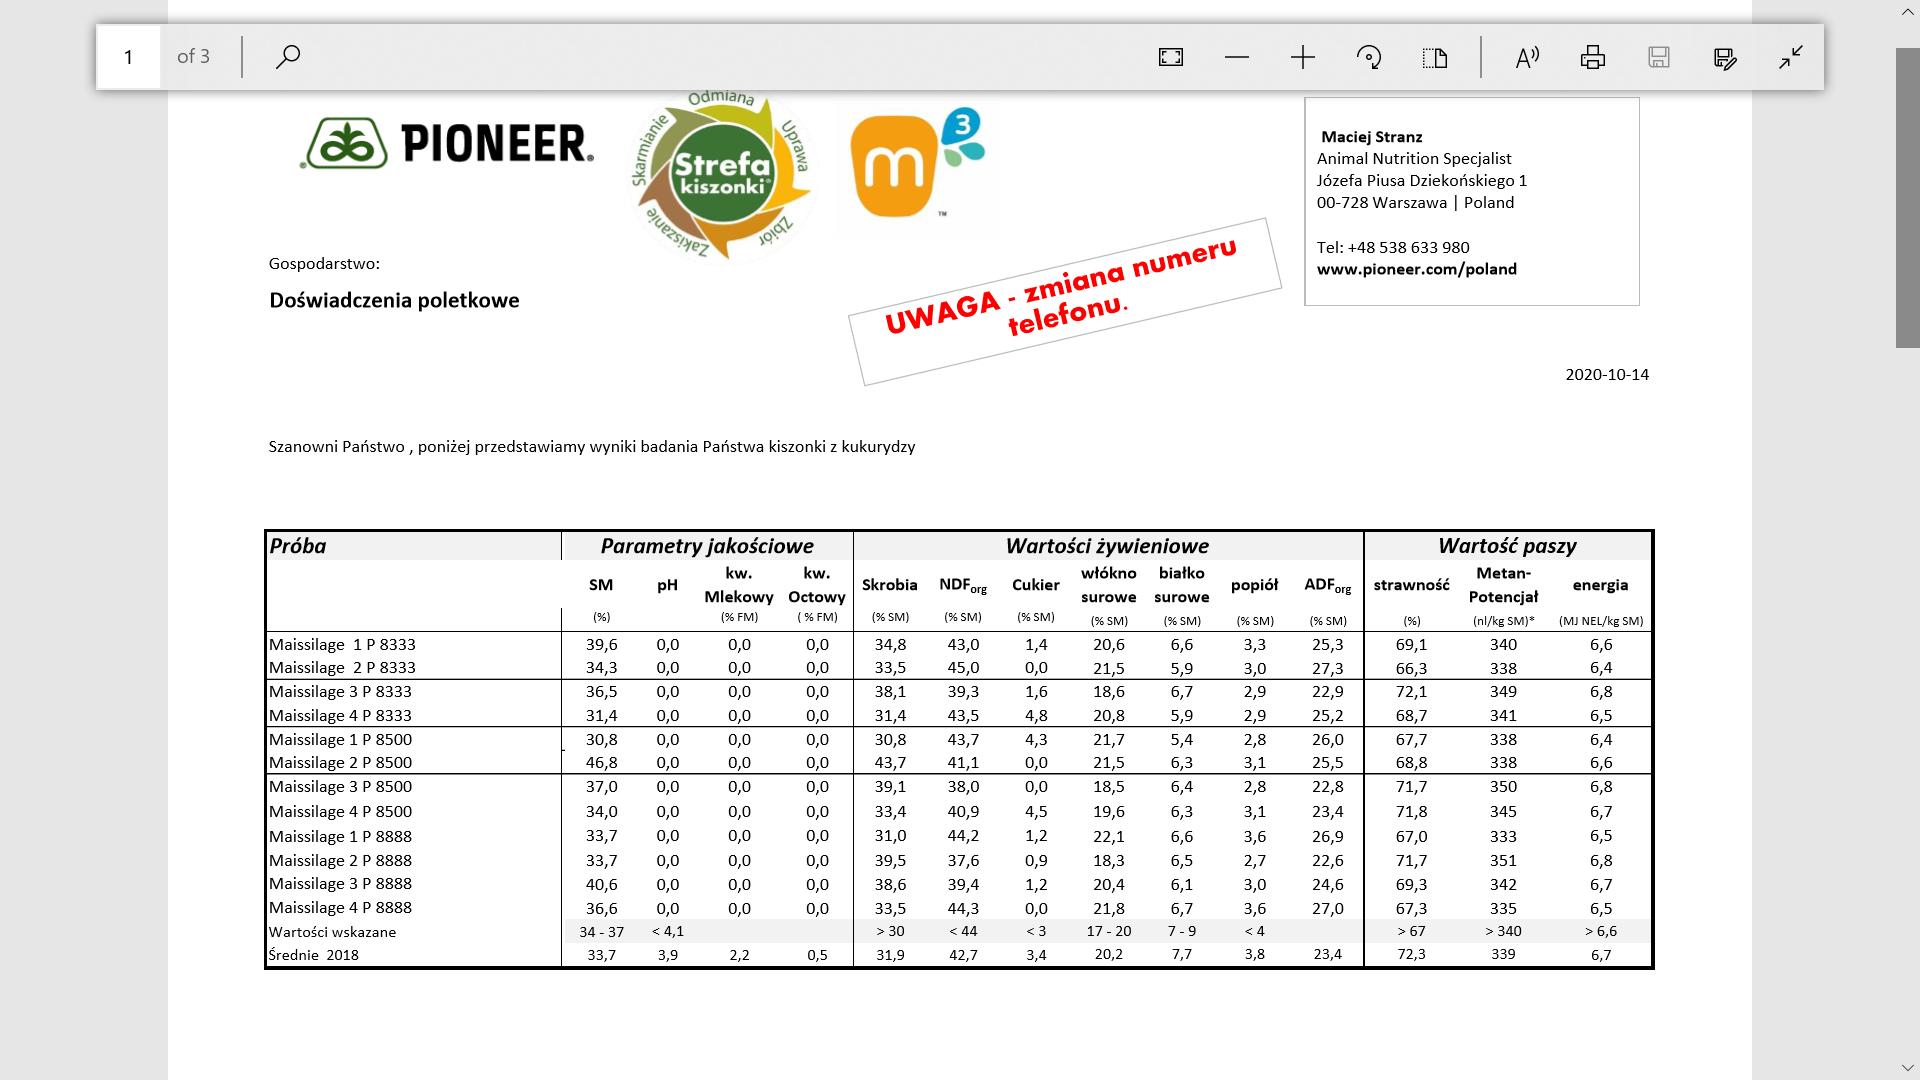 Fot. Przykładowe wyniki świeżej kukurydzy prosto z pola badanej u Klienta